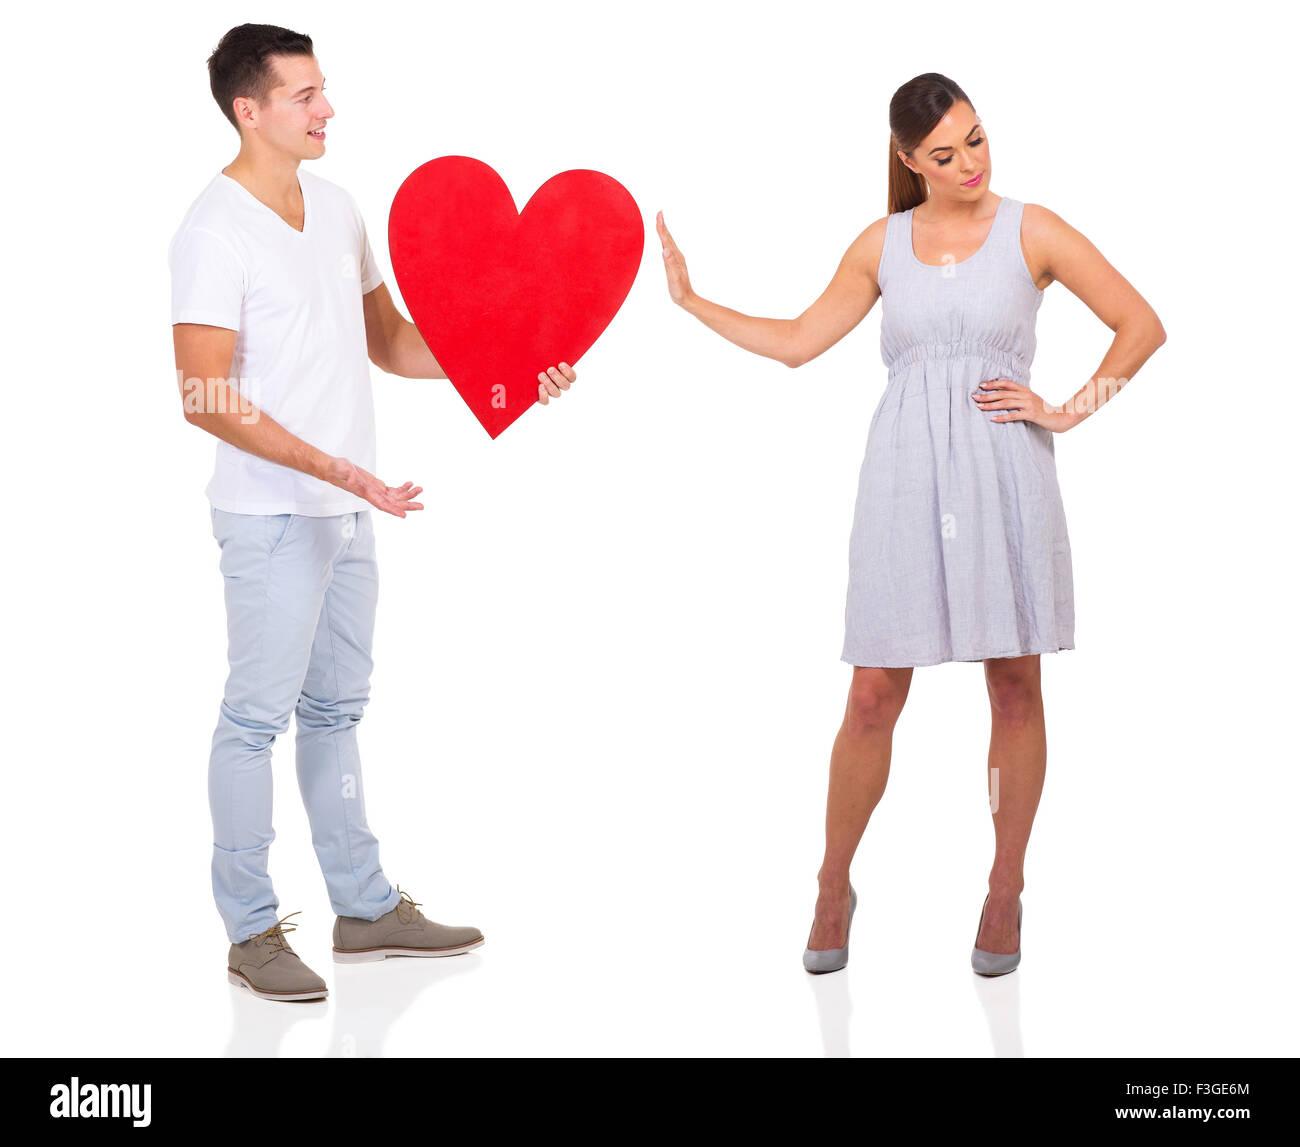 Jeune homme été rejetée par une fille isolée sur fond blanc Photo Stock